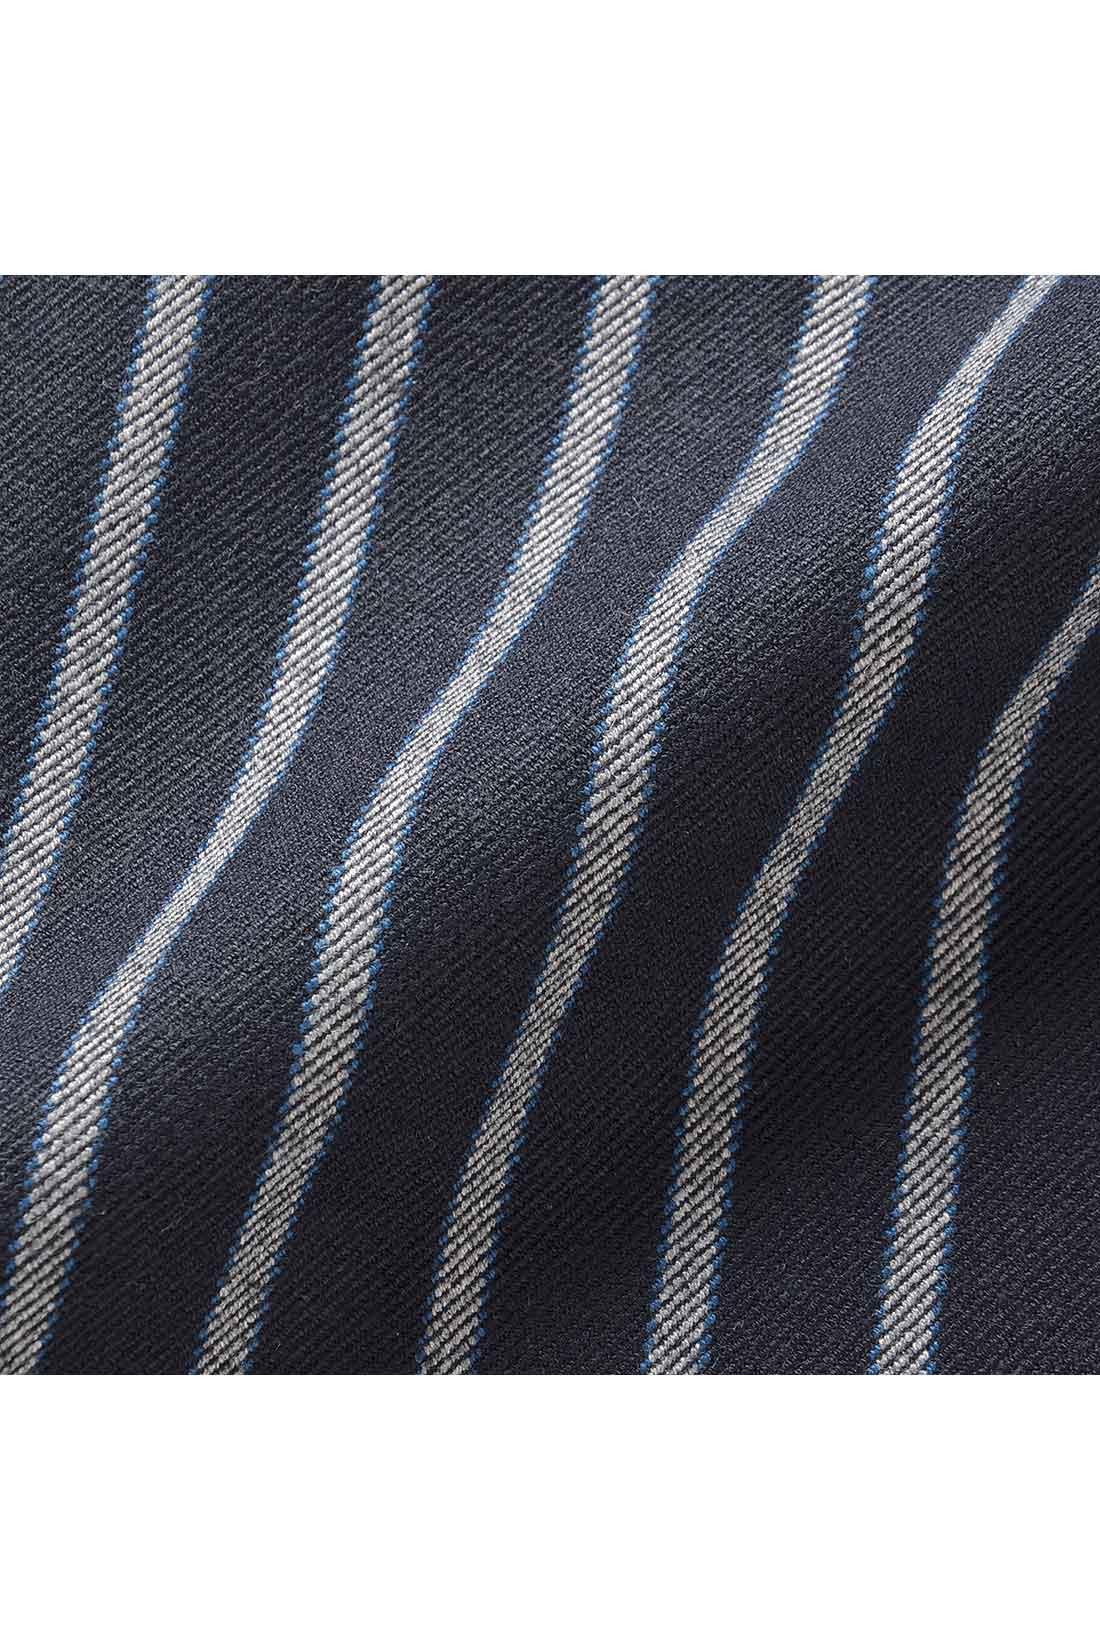 厚みのある両面起毛素材で、見た目もはき心地もふっくら暖か。インナーのラインがひびきにくいのもポイント。